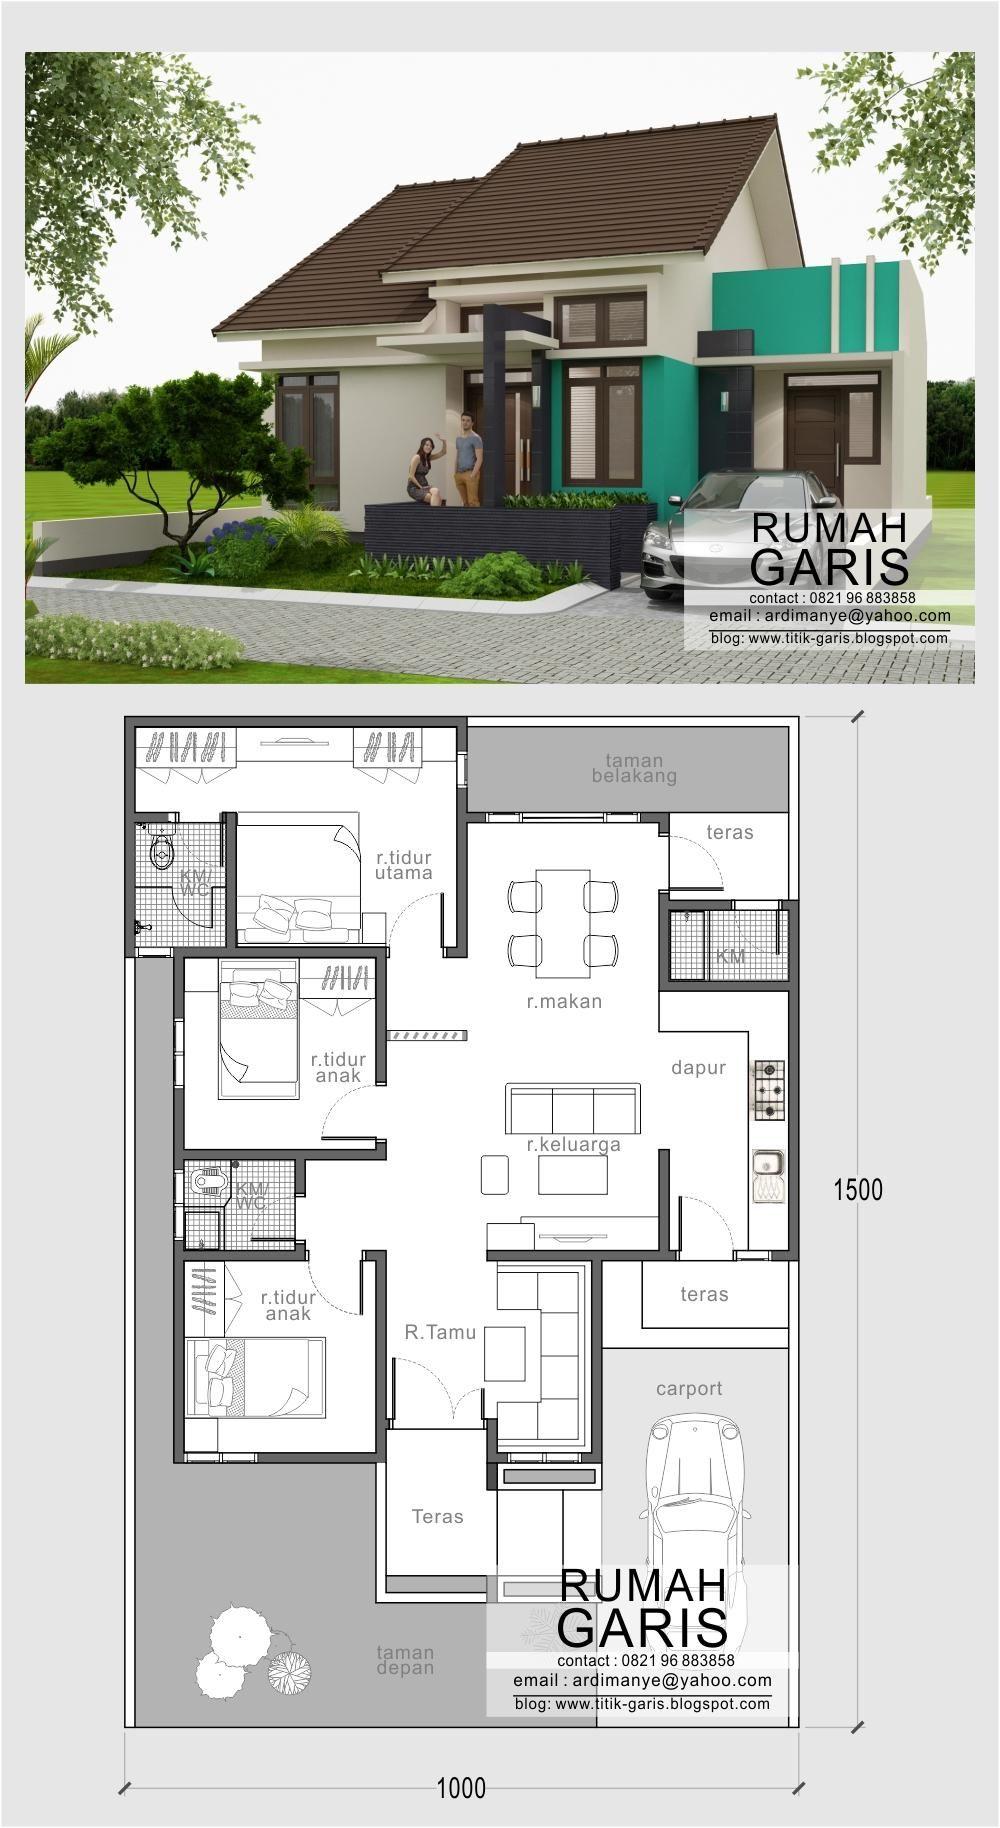 Desain Rumah 10x15 : desain, rumah, 10x15, Portofolio, Desain, Exterior